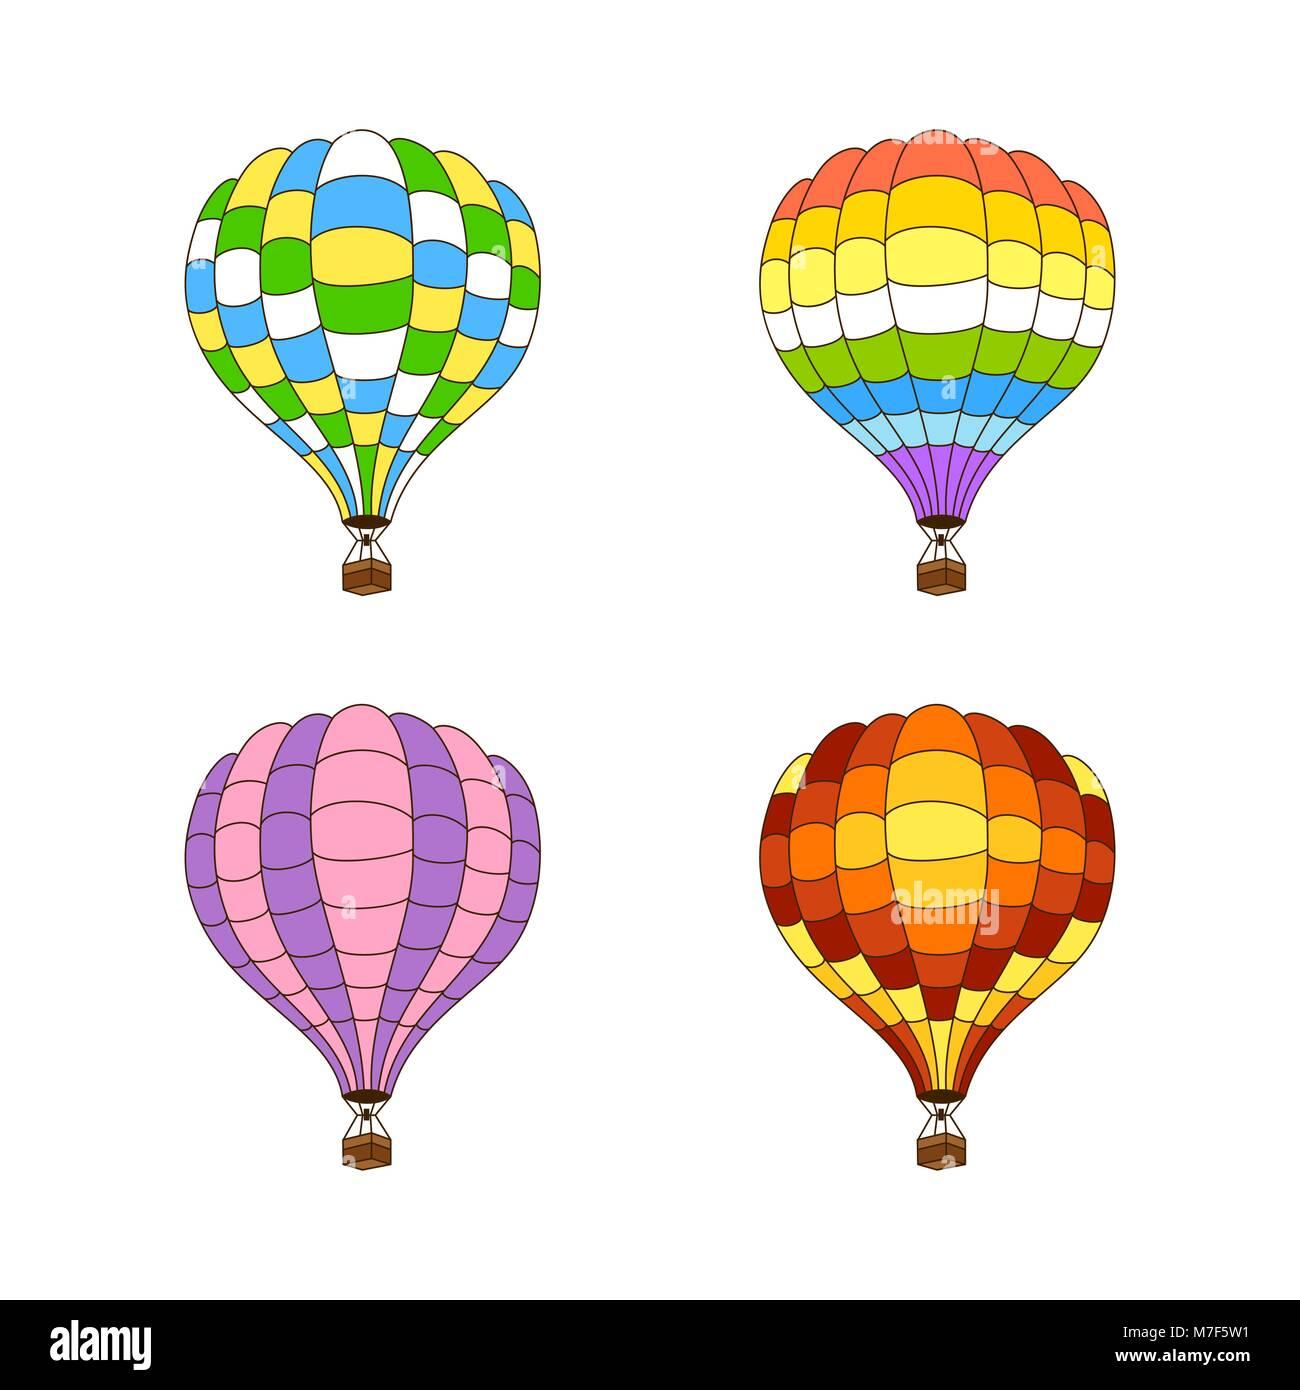 Großzügig Heißluftballon Färbung Bilder - Malvorlagen Von Tieren ...